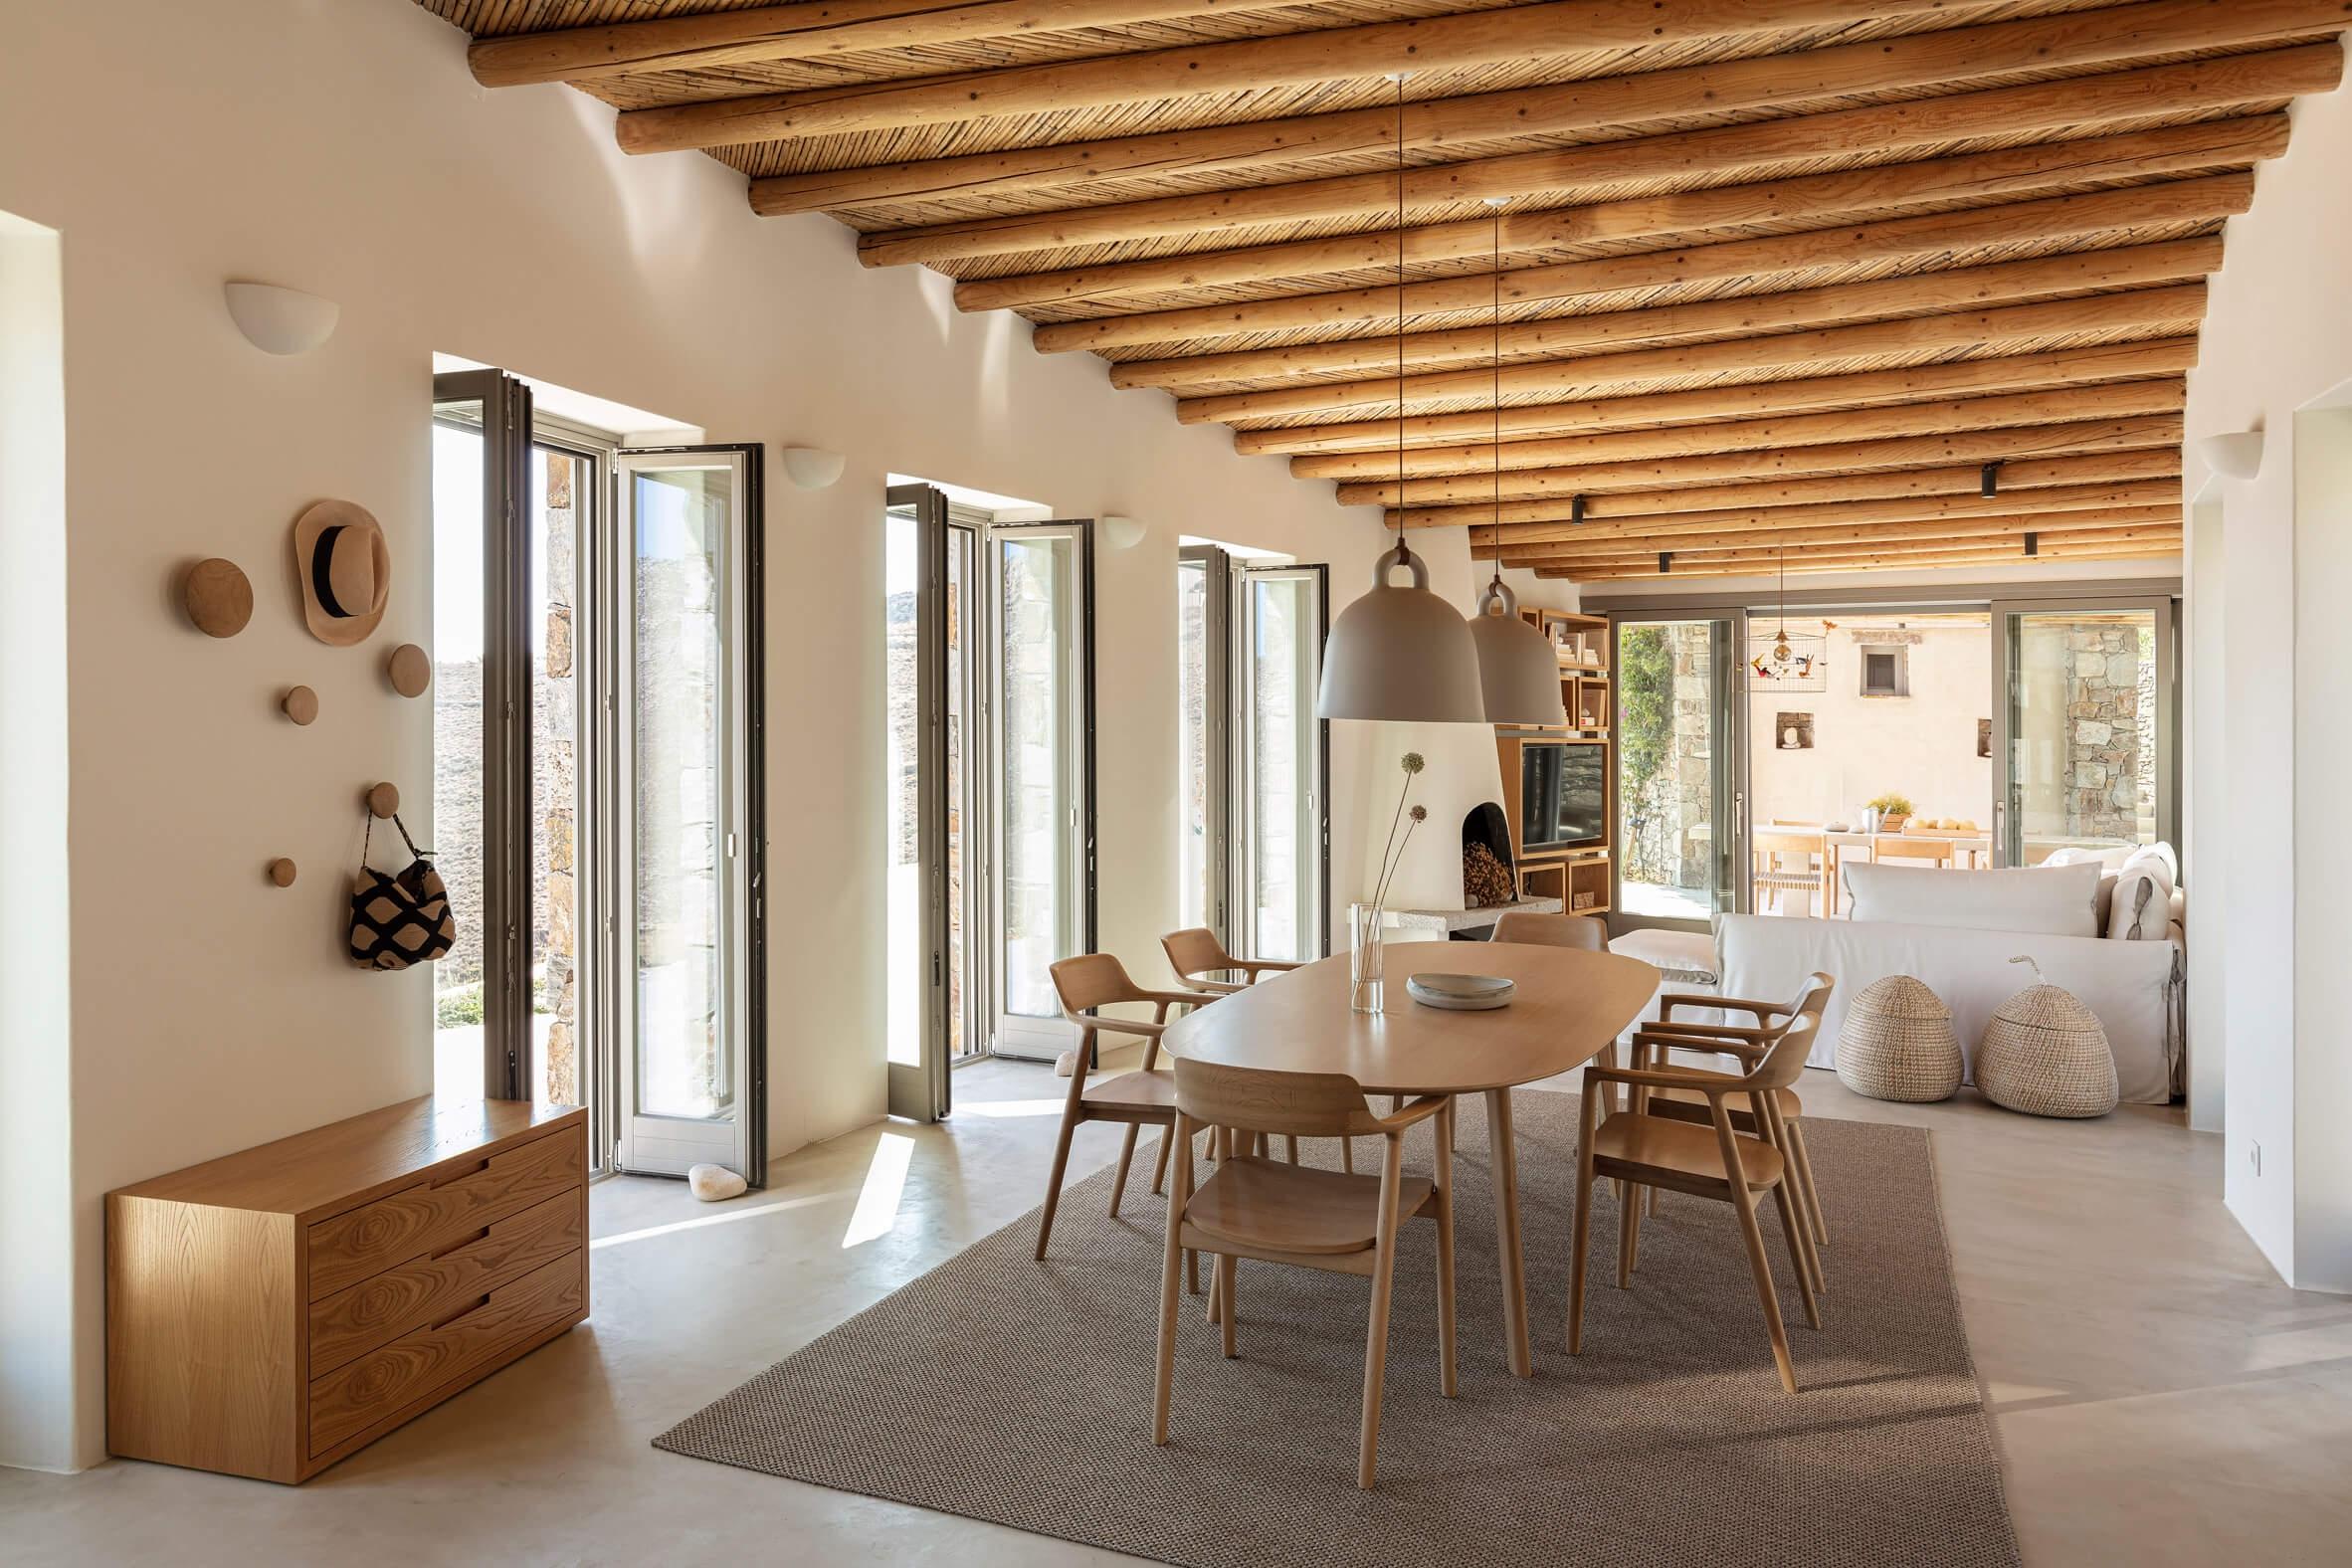 xerolithi house sinas architects dezeen 2364 col 21